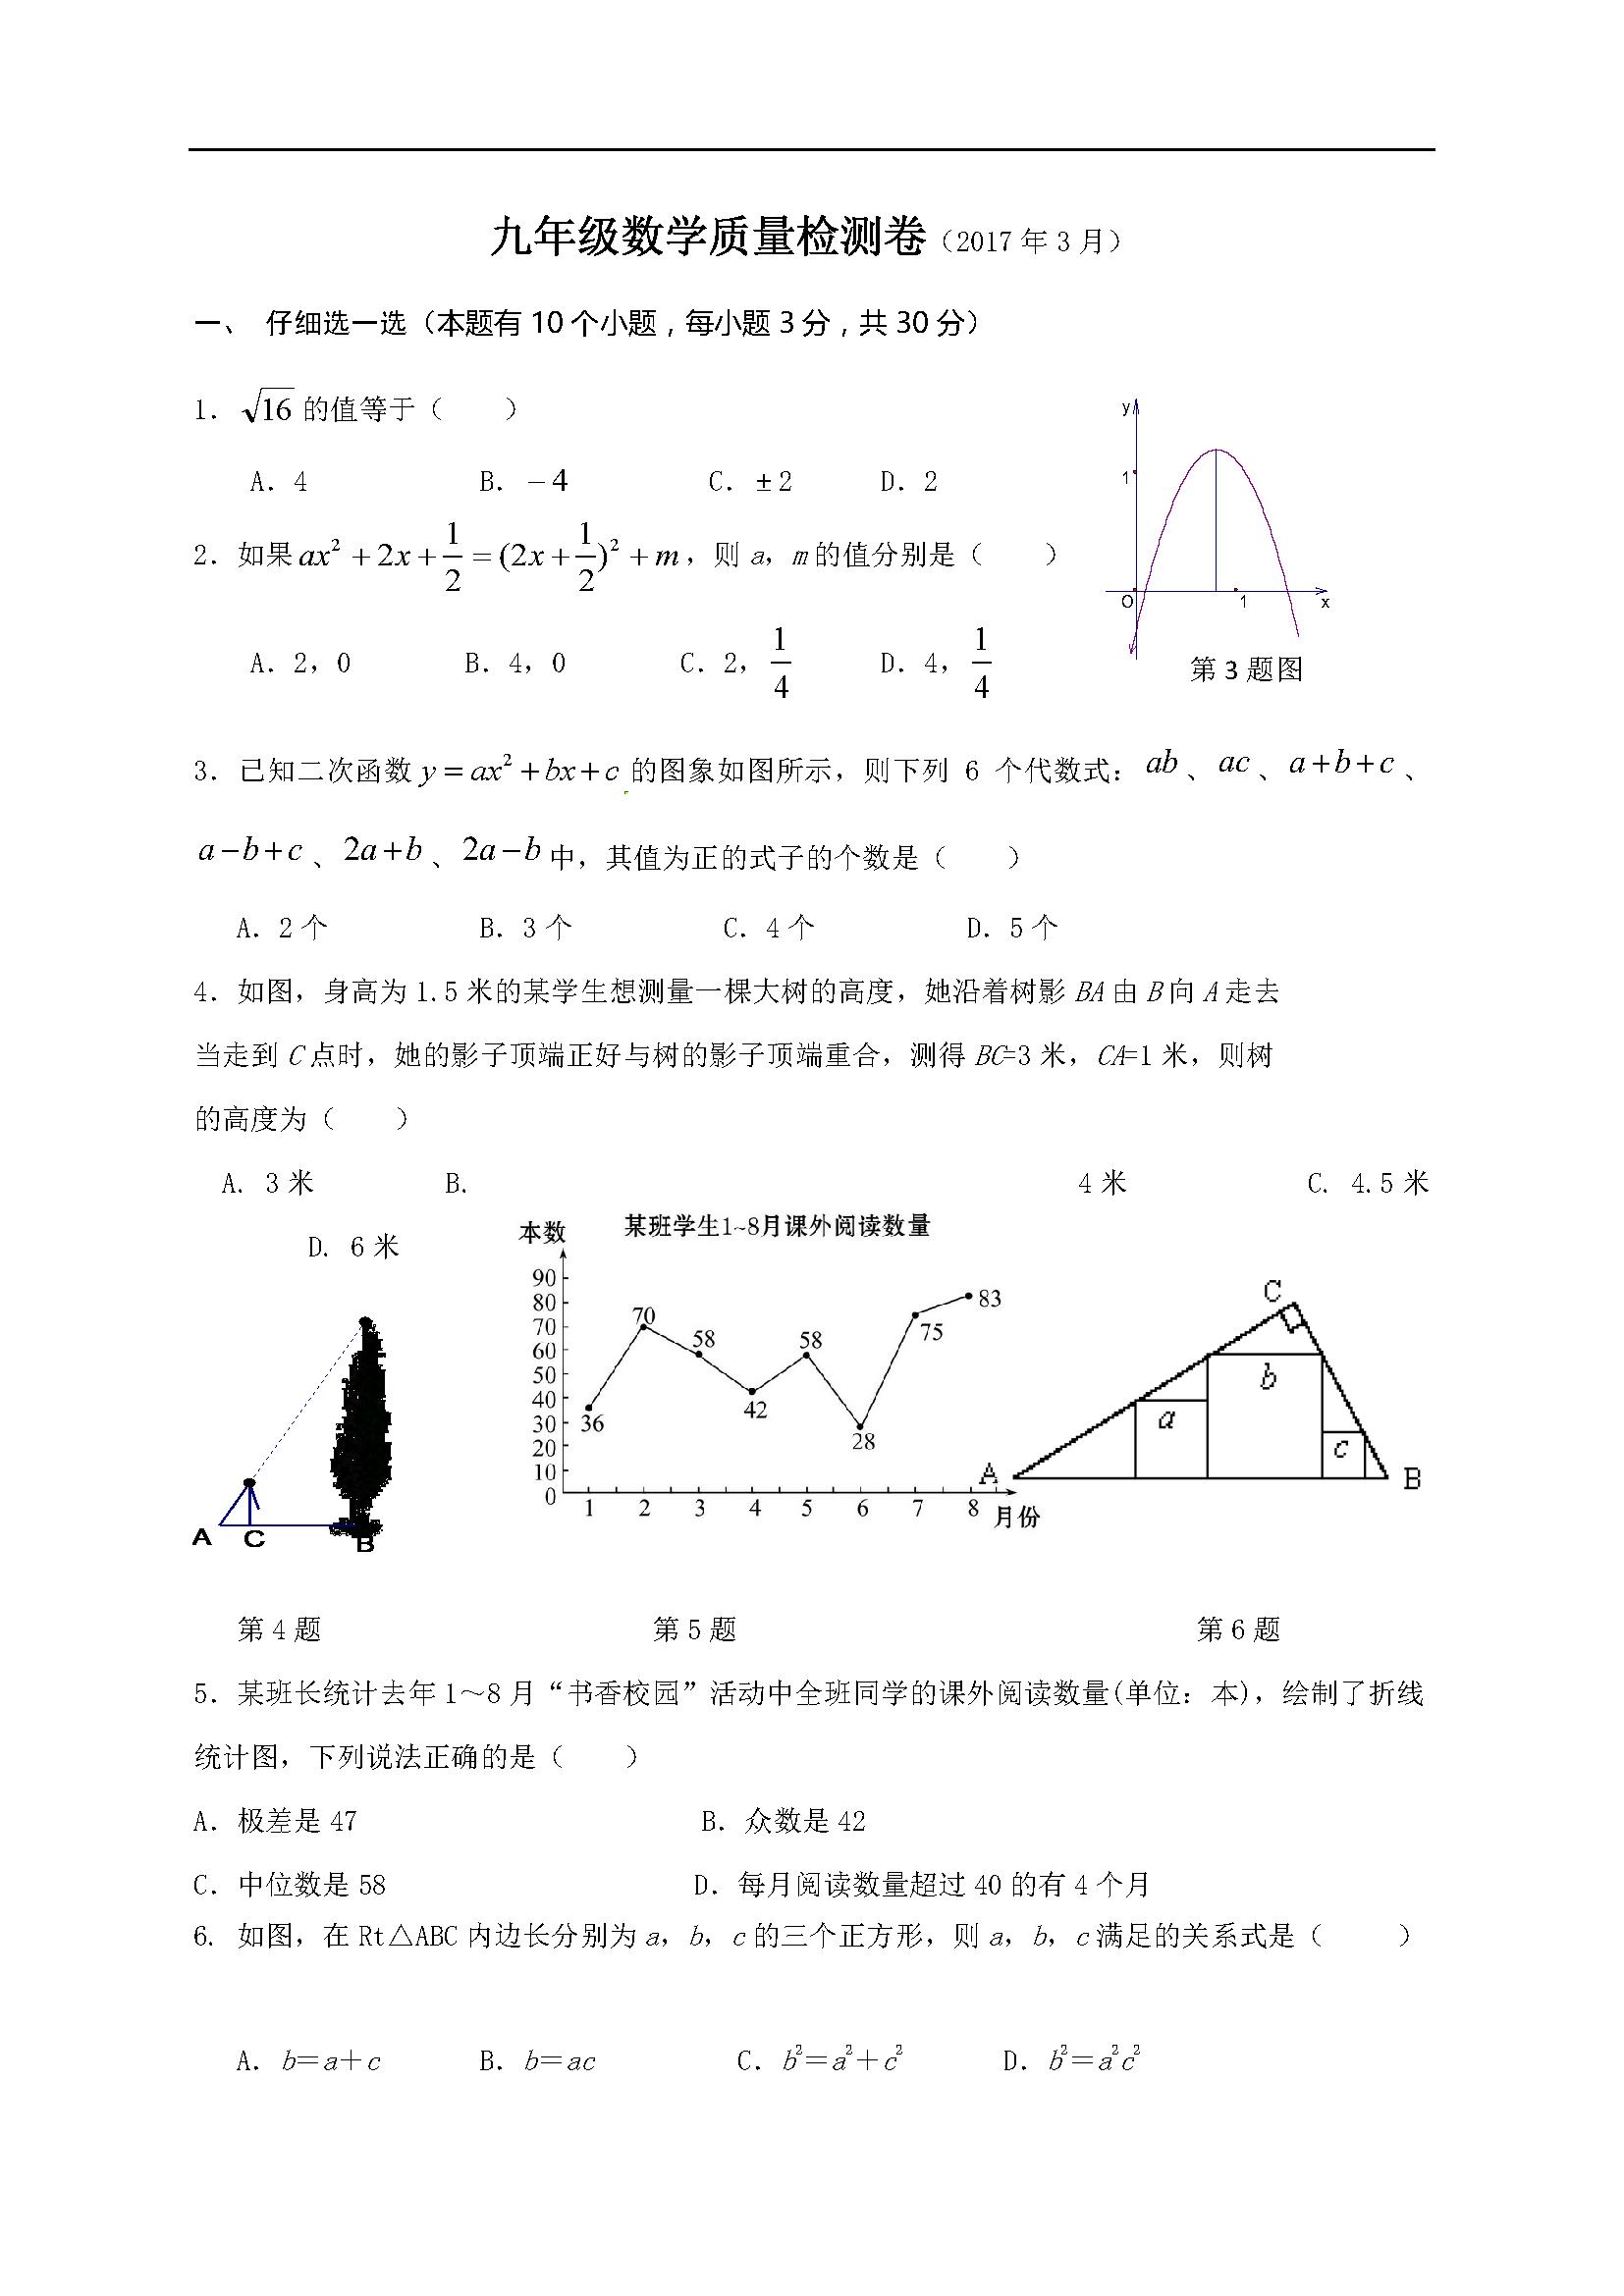 2017届浙江杭州萧山区瓜沥片九年级3月模拟数学试题(Word版)